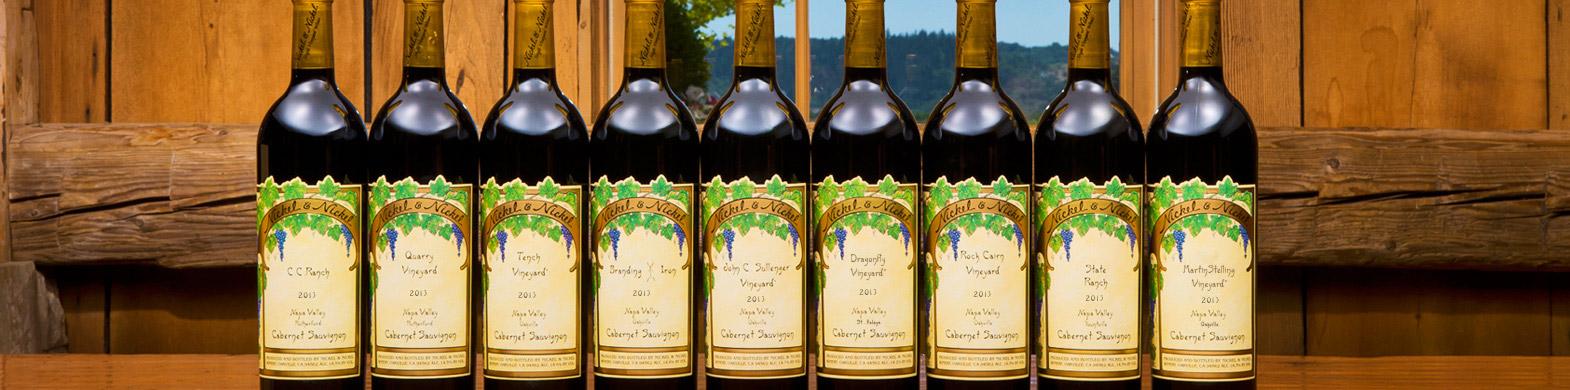 Single Vineyard Wines: Header